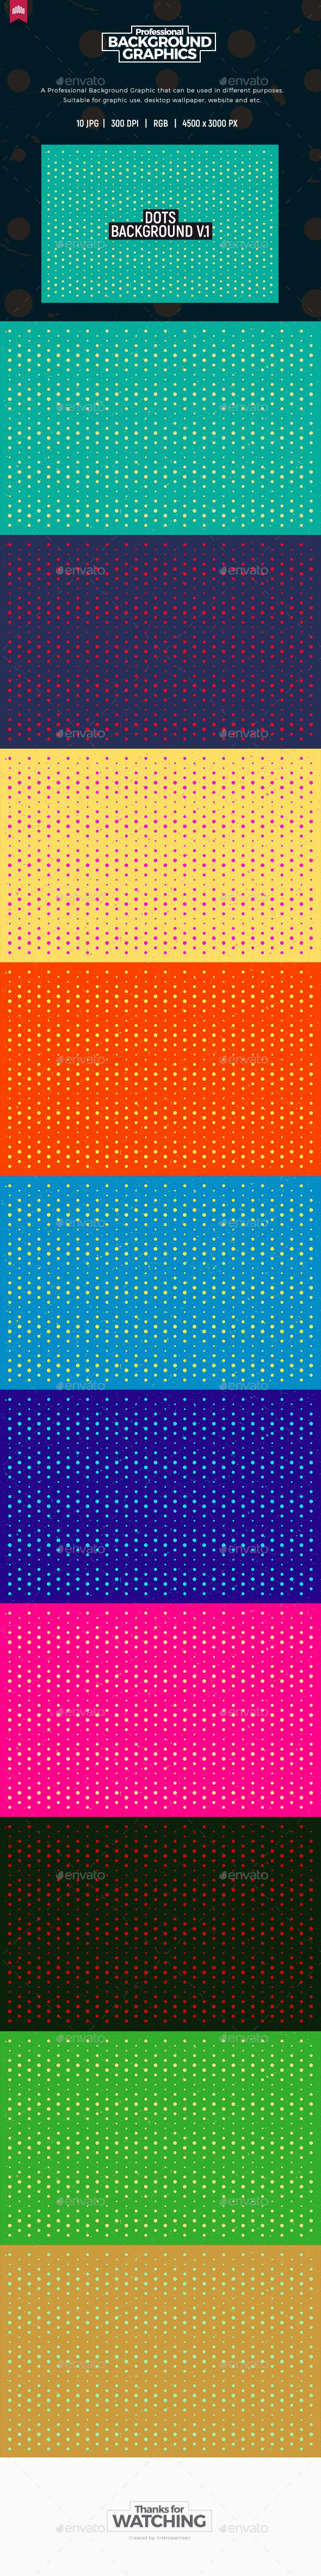 Dots Background V.1 - Patterns Backgrounds